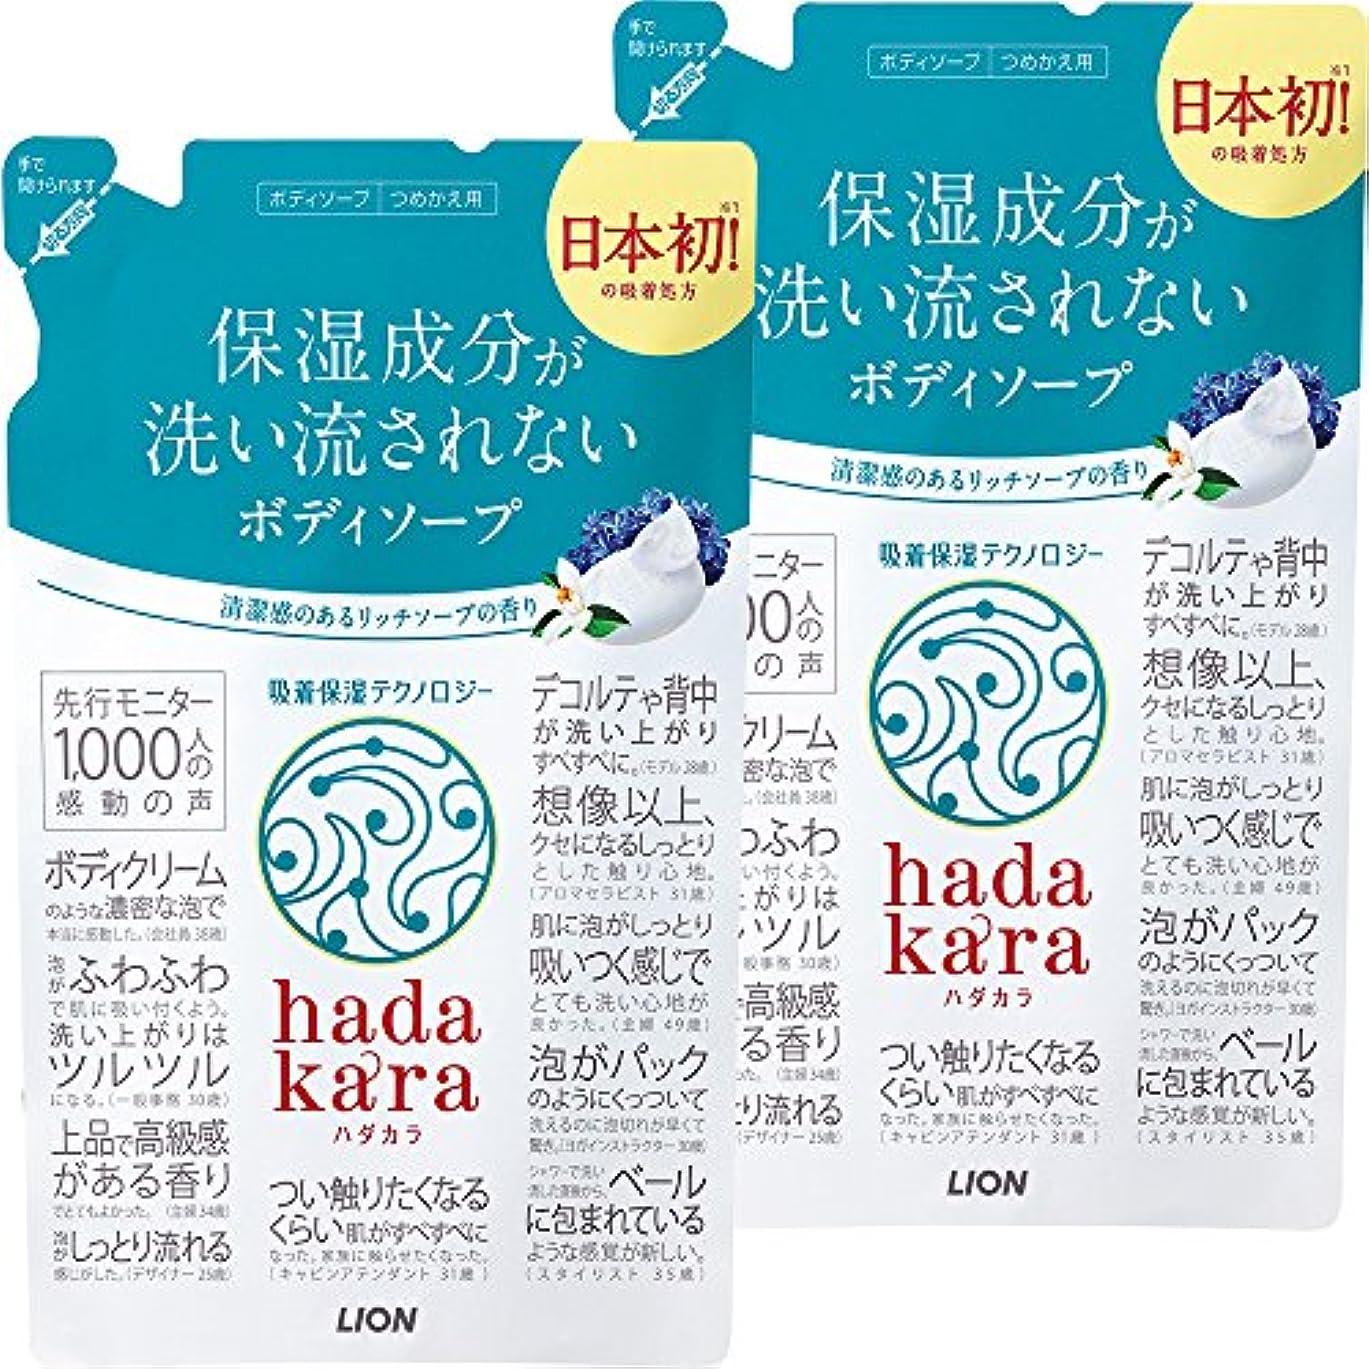 武装解除頻繁に侮辱【まとめ買い】hadakara(ハダカラ) ボディソープ リッチソープの香り 詰め替え 360ml×2個パック